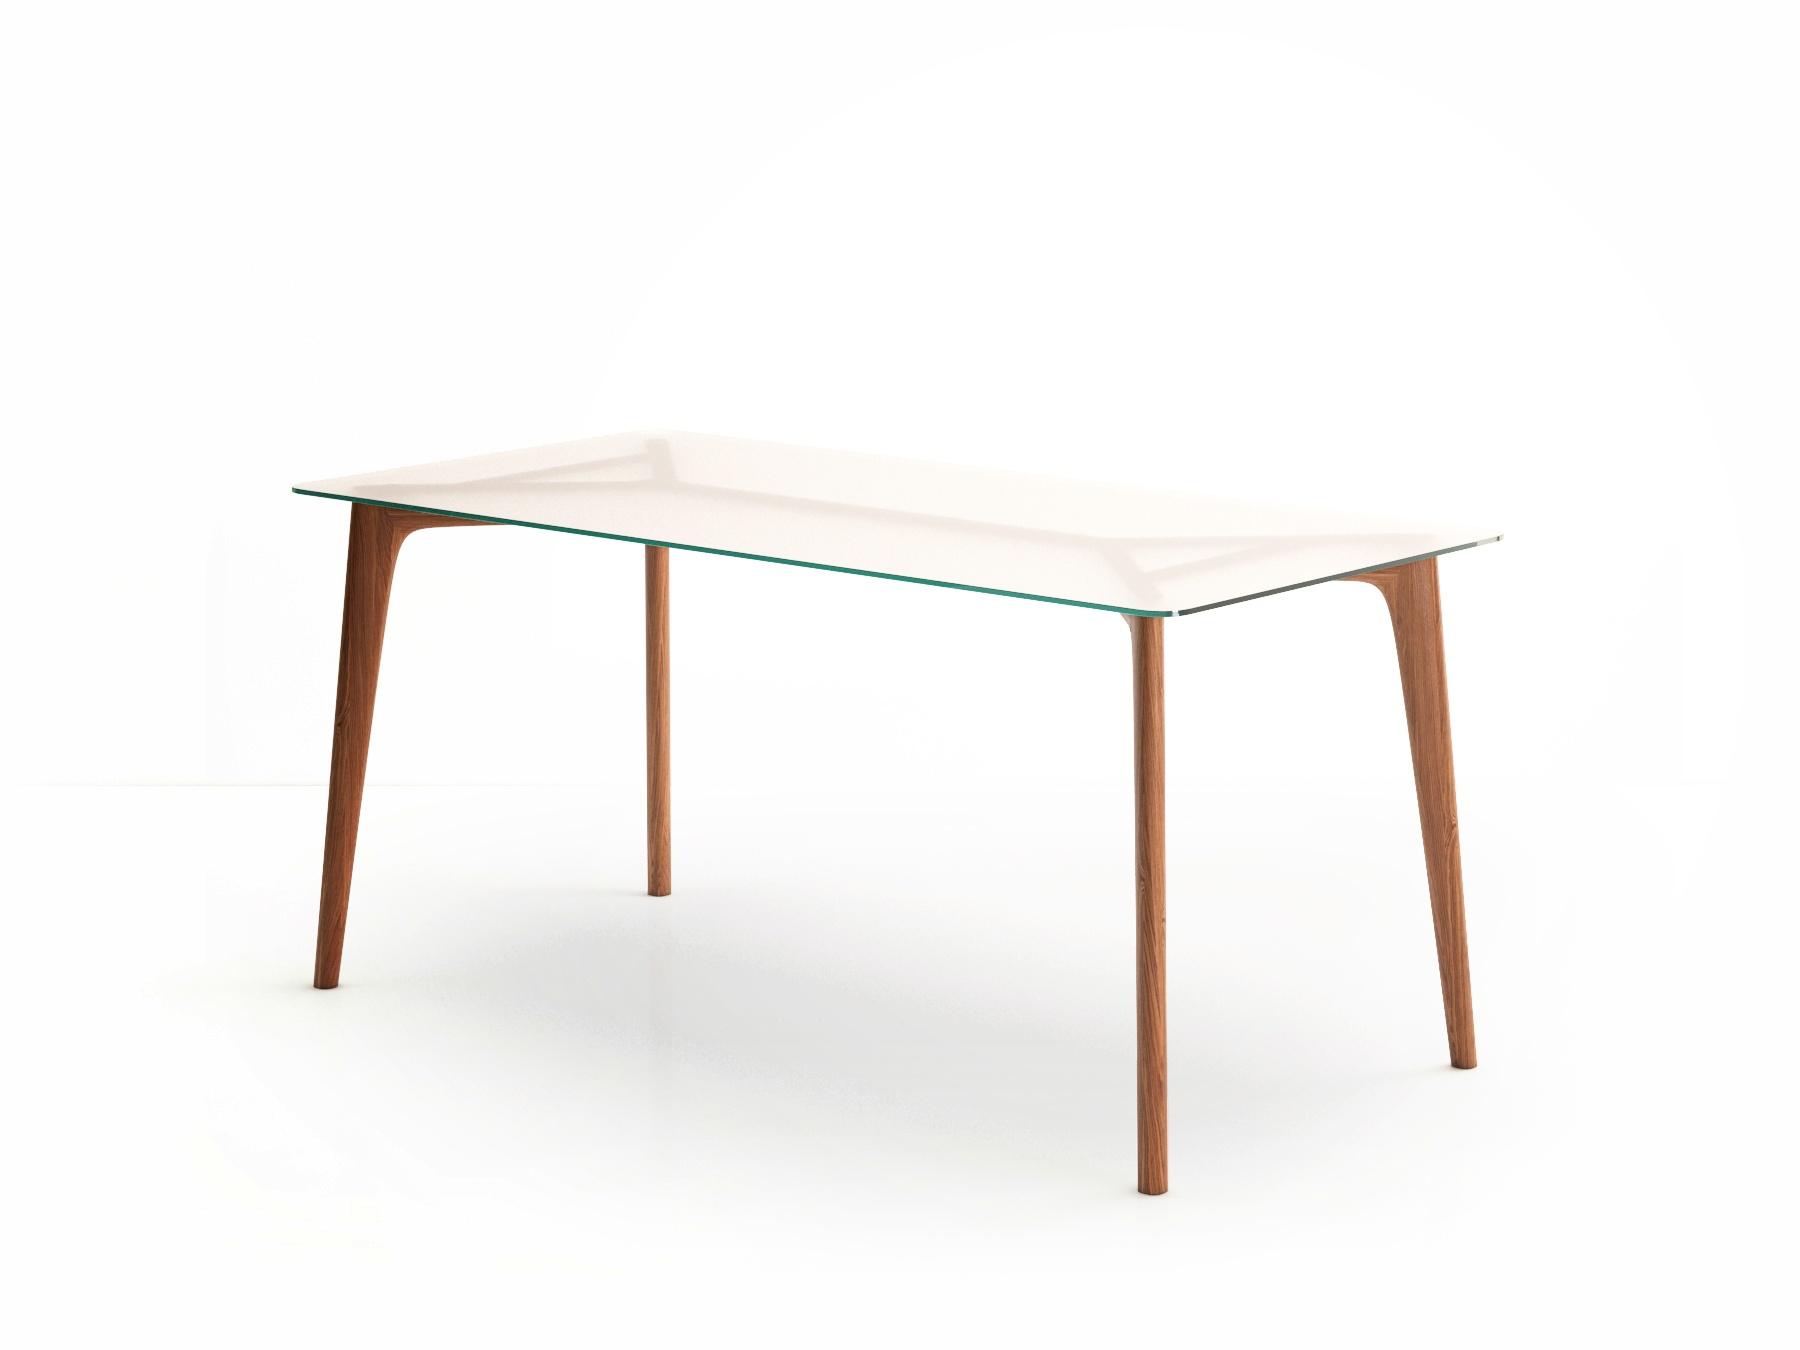 Обеденный стол FLOYDОбеденные столы<br>Обеденный стол FLOYD, объединяет в себе простоту, комфорт и индивидуальность.<br>Ножки выполнены из массива дуба и отвечают за его прочность.<br>столешница- матовое стекло, создающее ощущение легкости и невесомости.<br>Размеры стола позволяют комфортно разместится большому количеству людей.<br>Стол FLOYD доступен в пяти видах отделки: светлый дуб, темный дуб, дуб венге, беленый дуб, дуб орех.<br><br>kit: None<br>gender: None